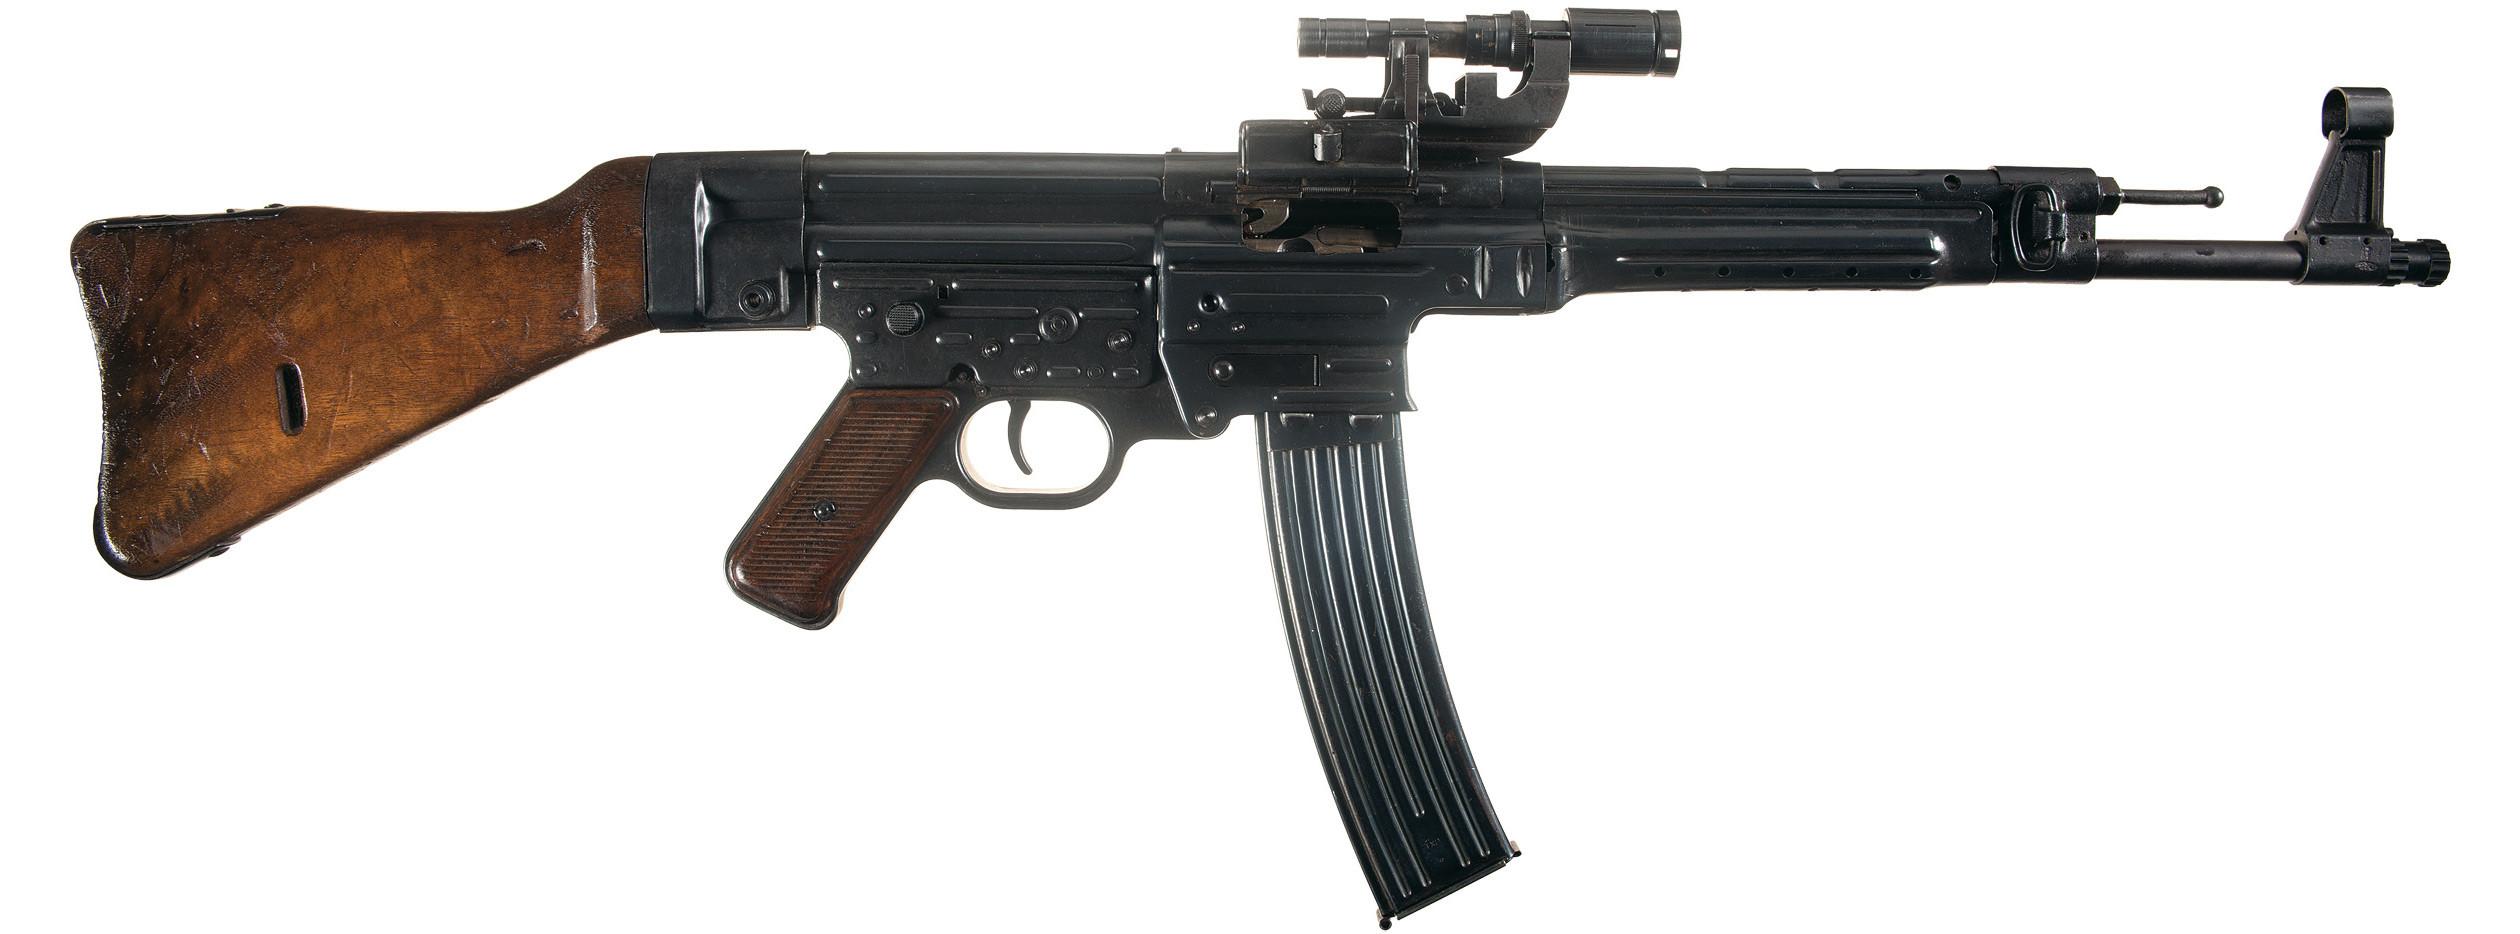 3d model stg 44